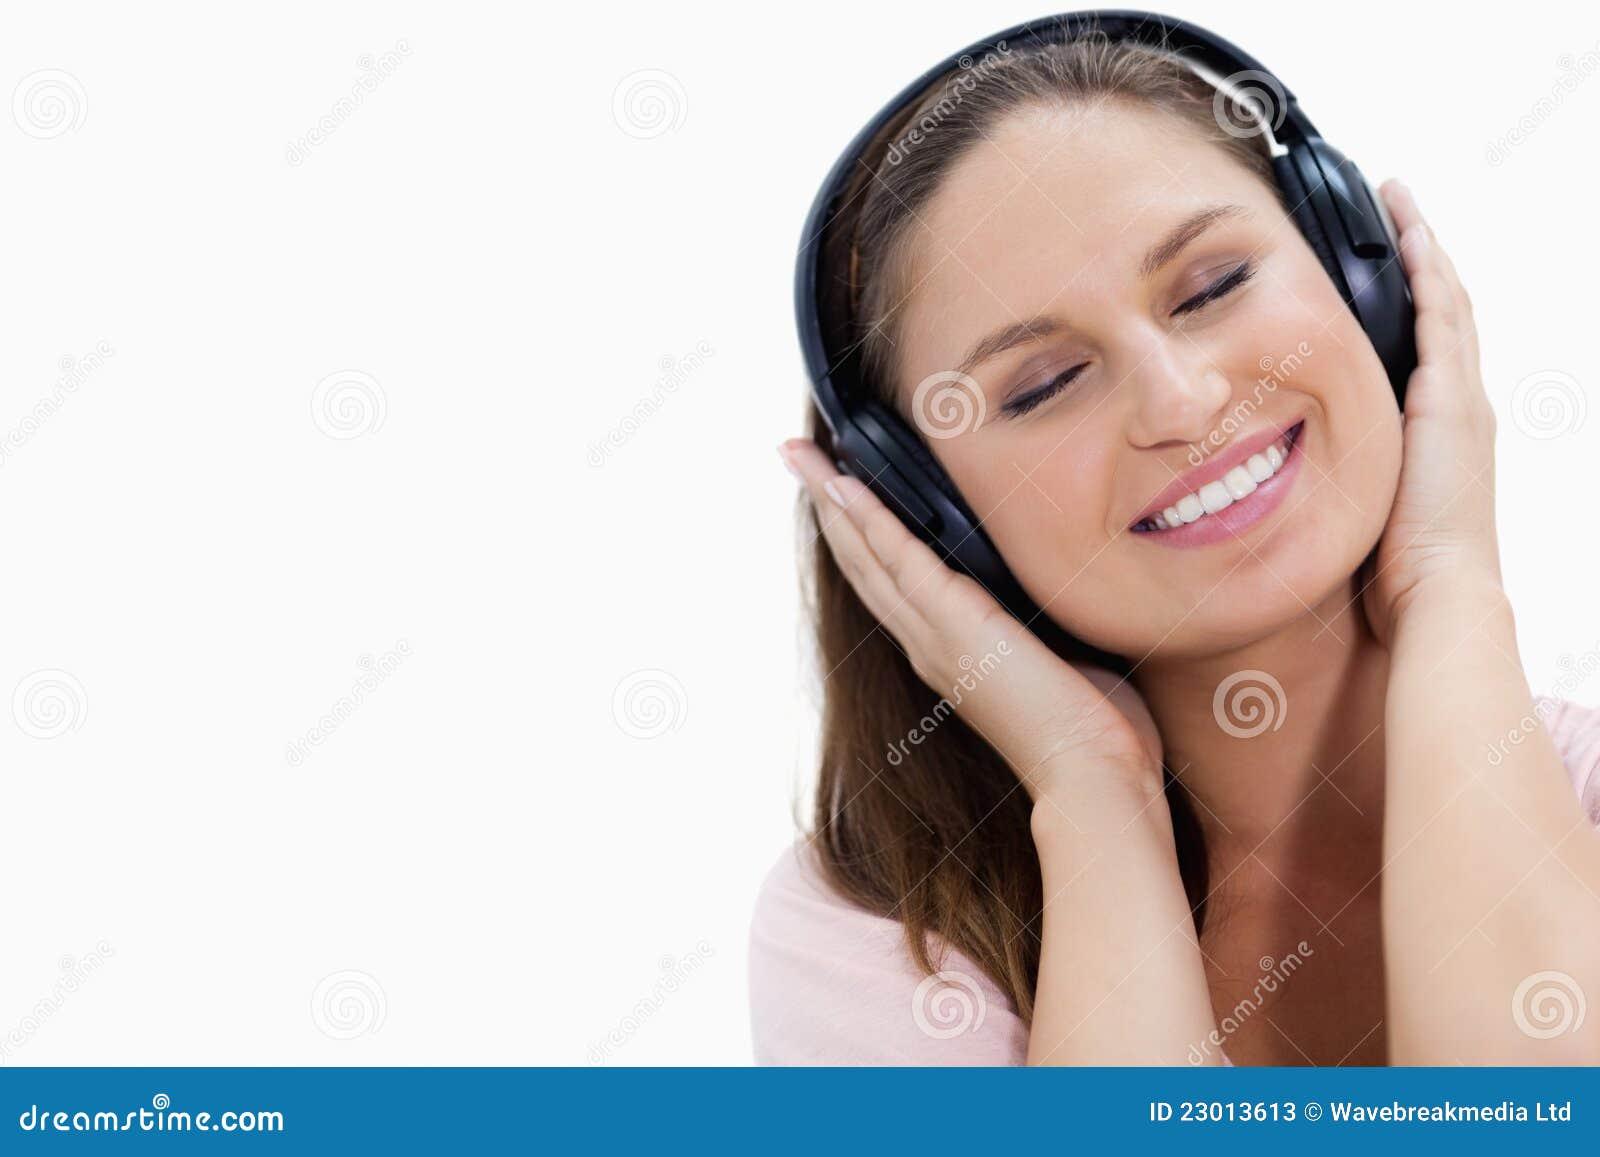 Närbild av en le flicka som lyssnar till musik